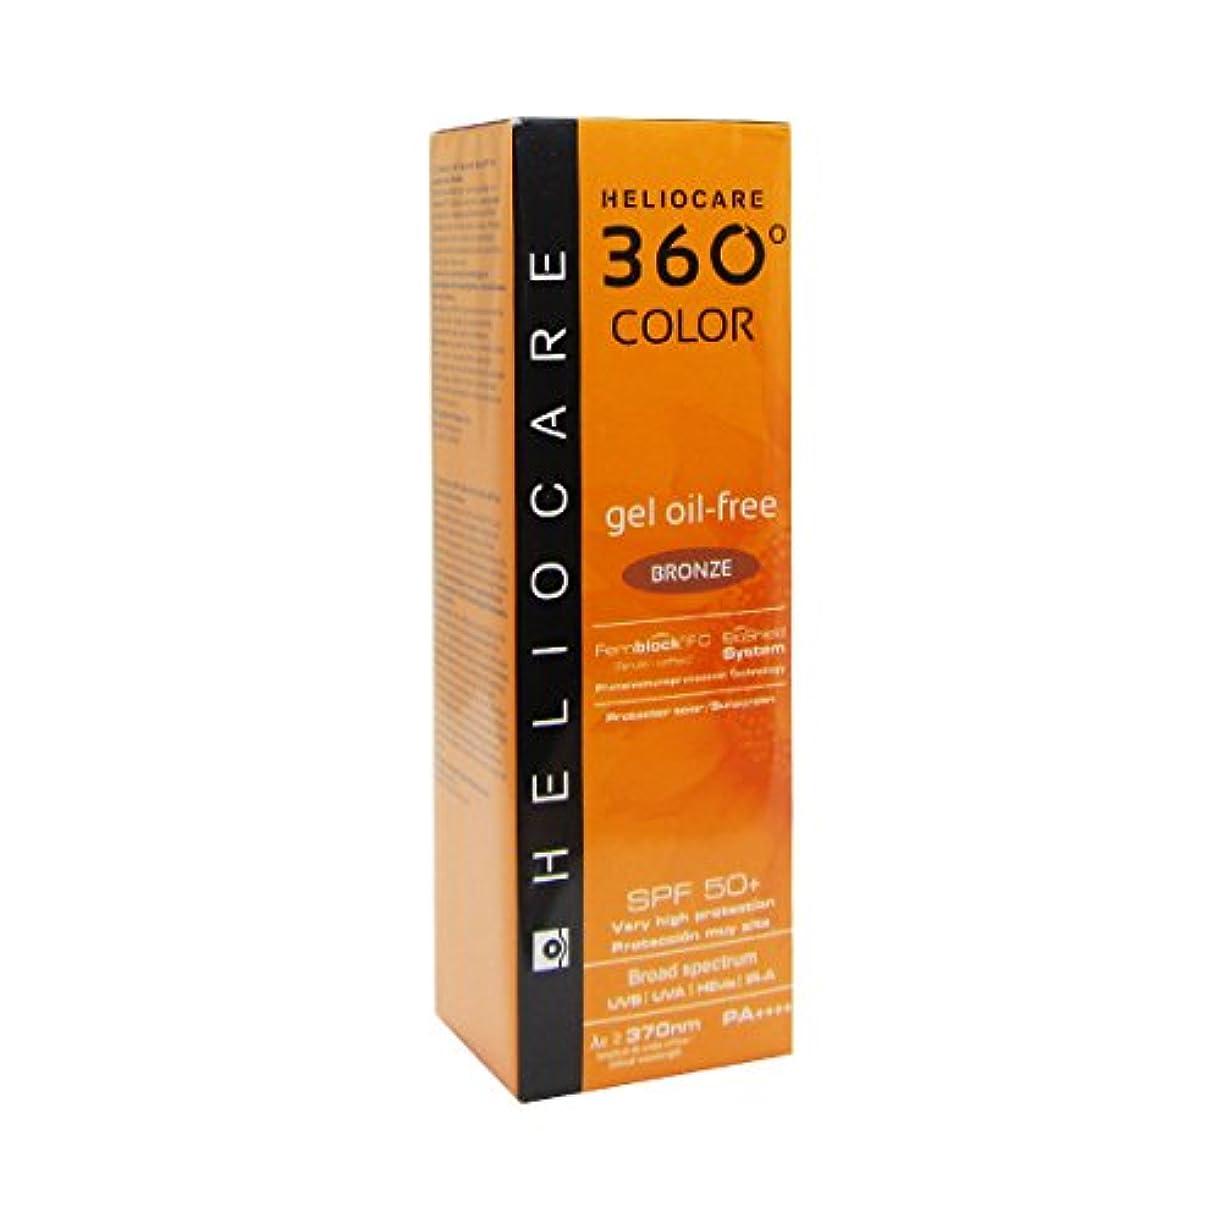 ドライブクランプ誇りに思うHeliocare 360 Gel-color Oil-free Spf50 Bronze 50ml [並行輸入品]